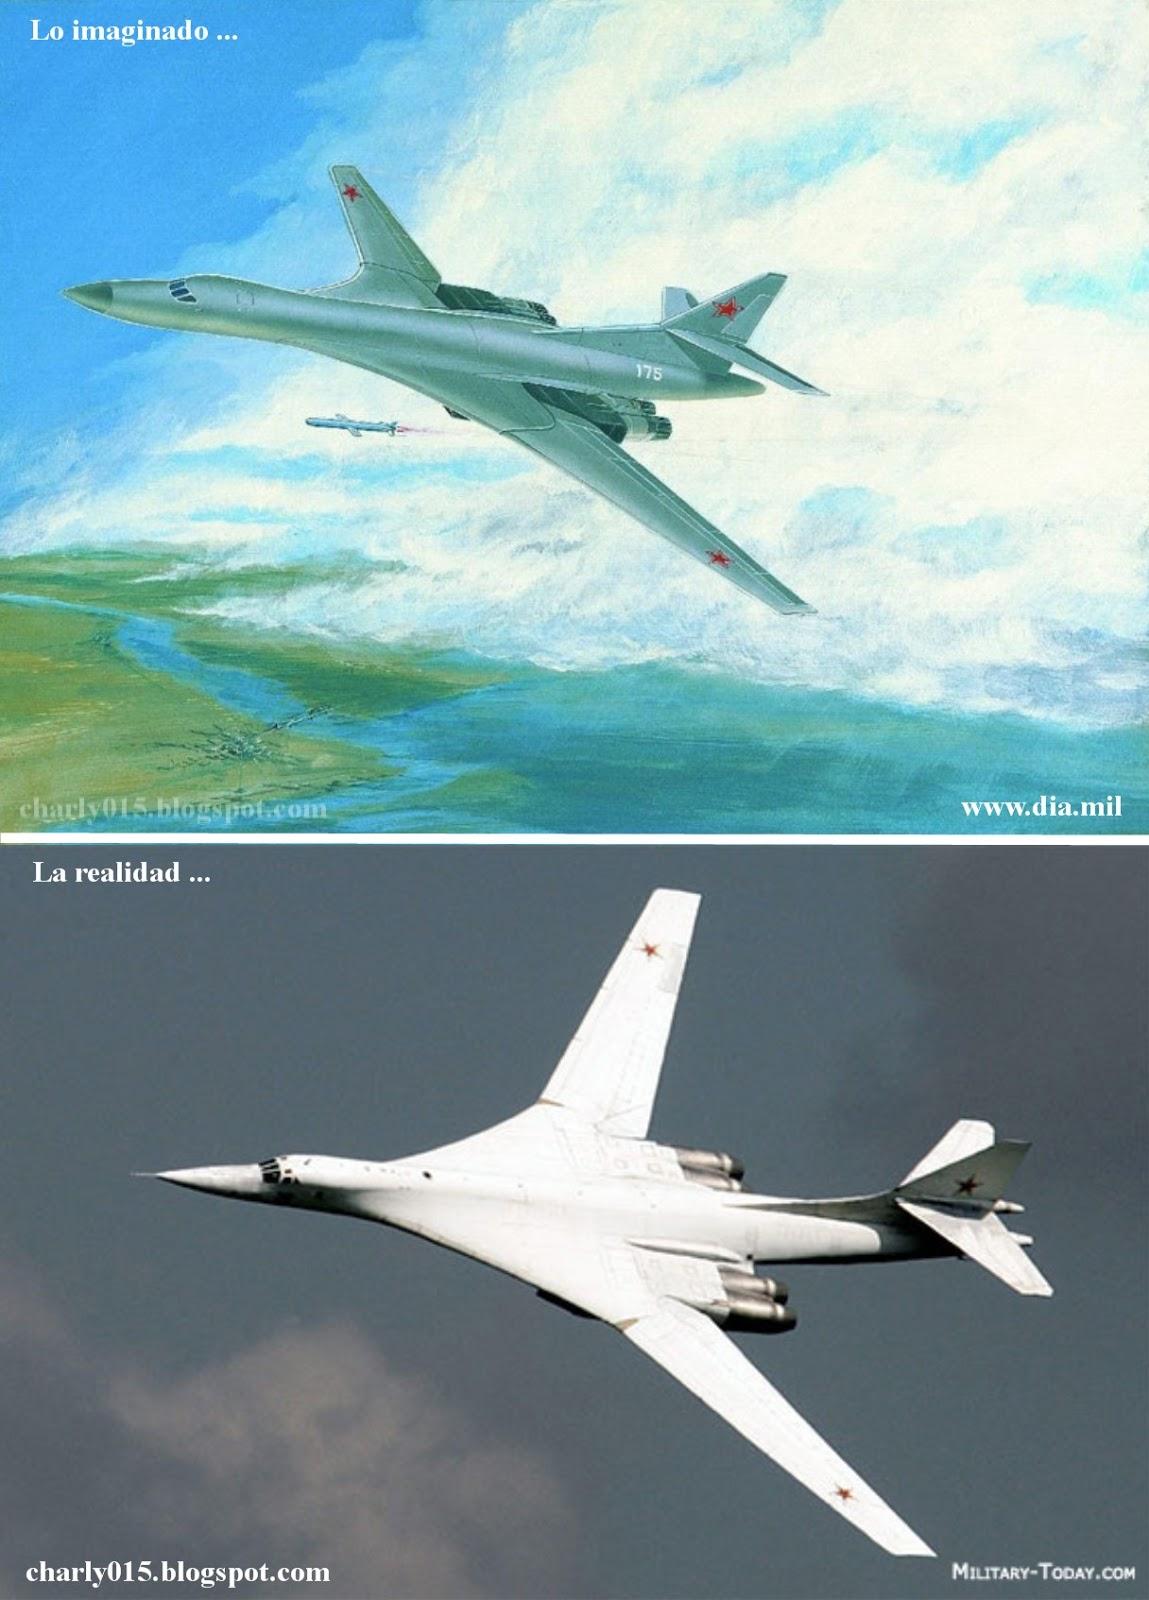 soviet%2Bmilitary%2Bopower%2Btu-160%2B2.jpg